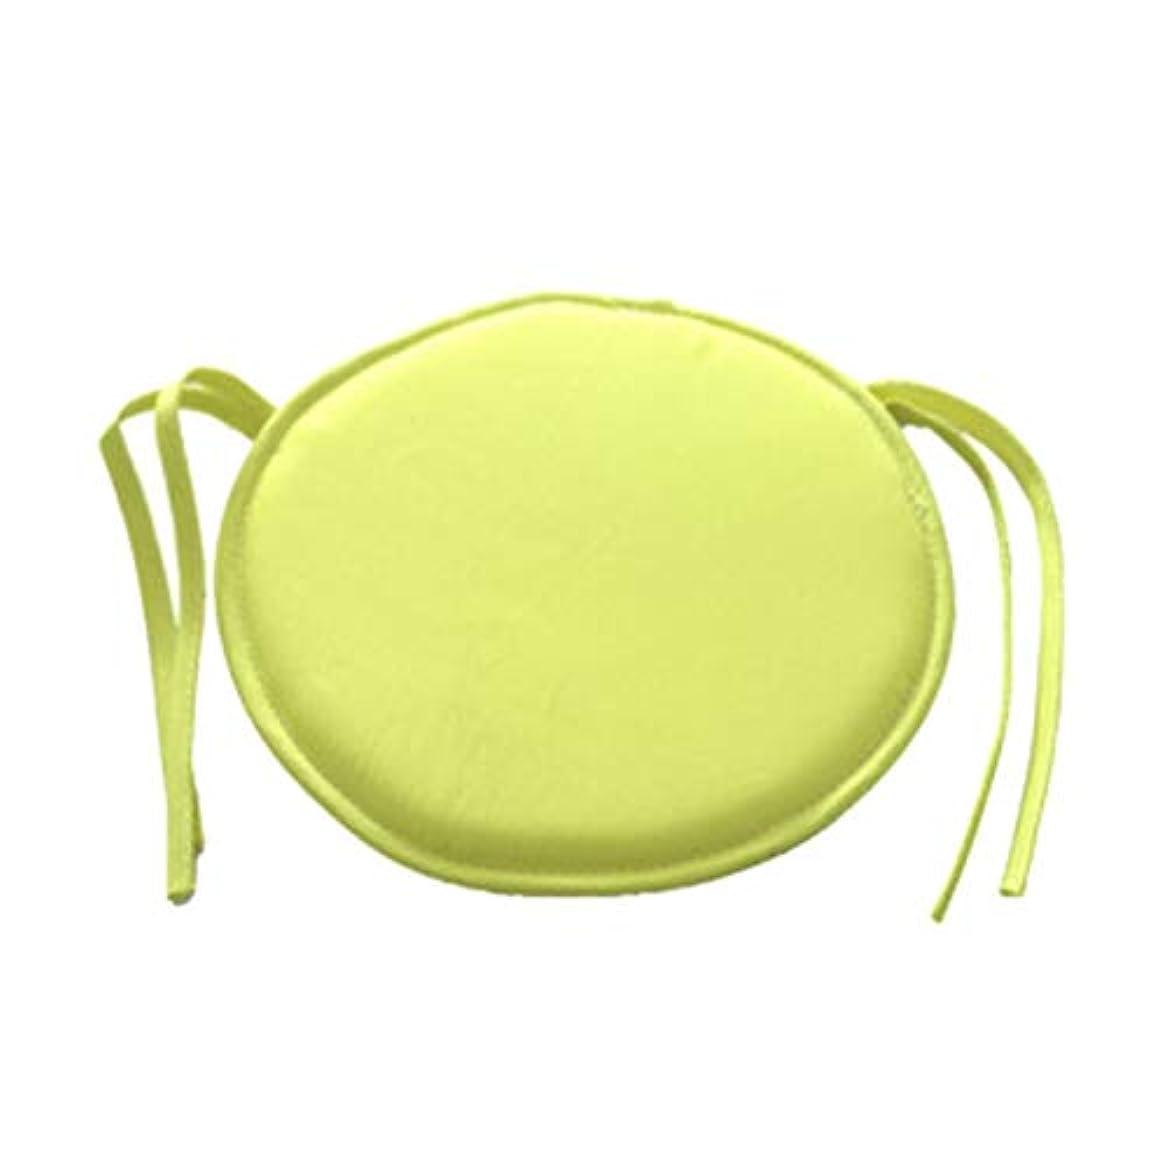 撤退論理的あなたのものLIFE ホット販売ラウンドチェアクッション屋内ポップパティオオフィスチェアシートパッドネクタイスクエアガーデンキッチンダイニングクッション クッション 椅子